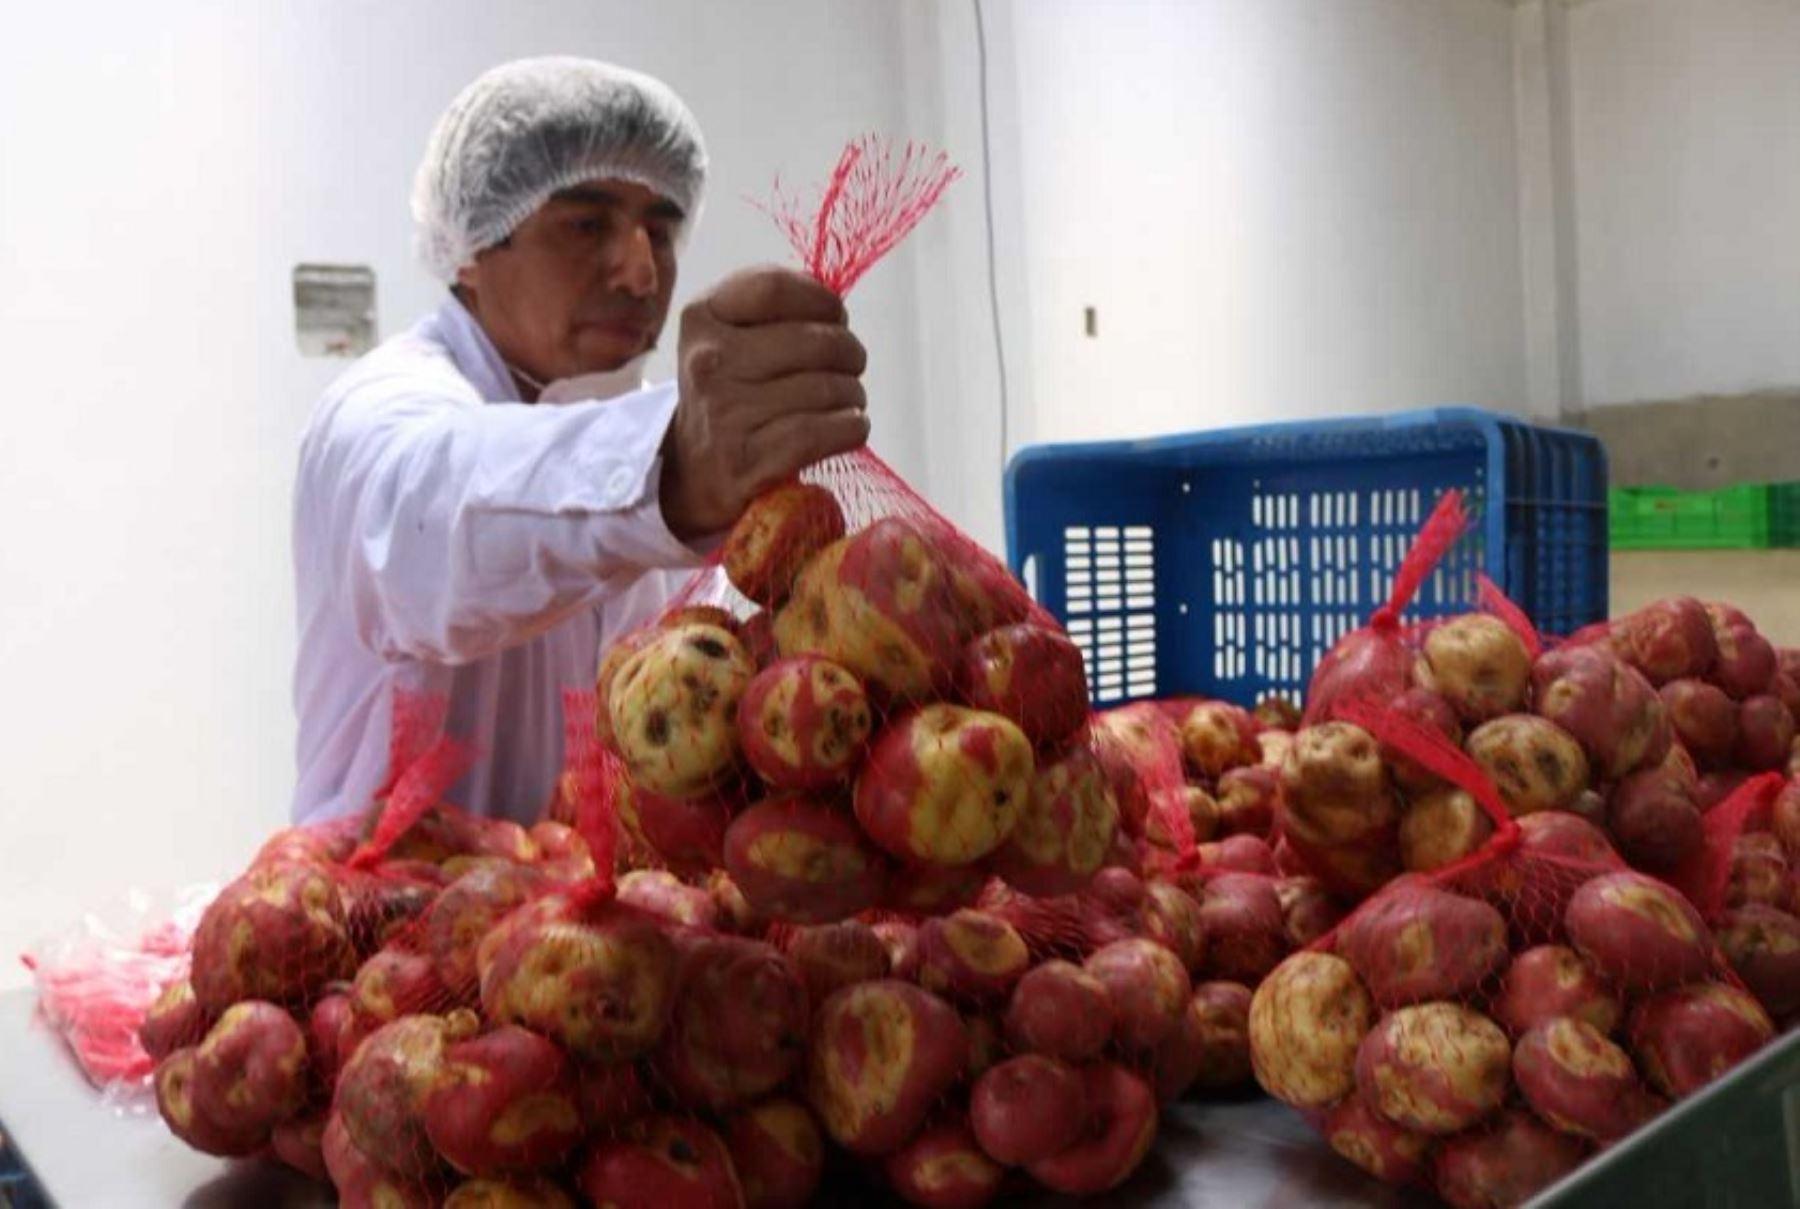 El Centro de Innovación Tecnológica (CITE) Papa y otros Cultivos Andinos presentó su plataforma de trabajo en la ciudad de Cajamarca, donde realizará una amplia labor en el desarrollo de innovaciones técnicas y productivas en una región que cuenta con terrenos y altitud propicios para los cultivos nativos.